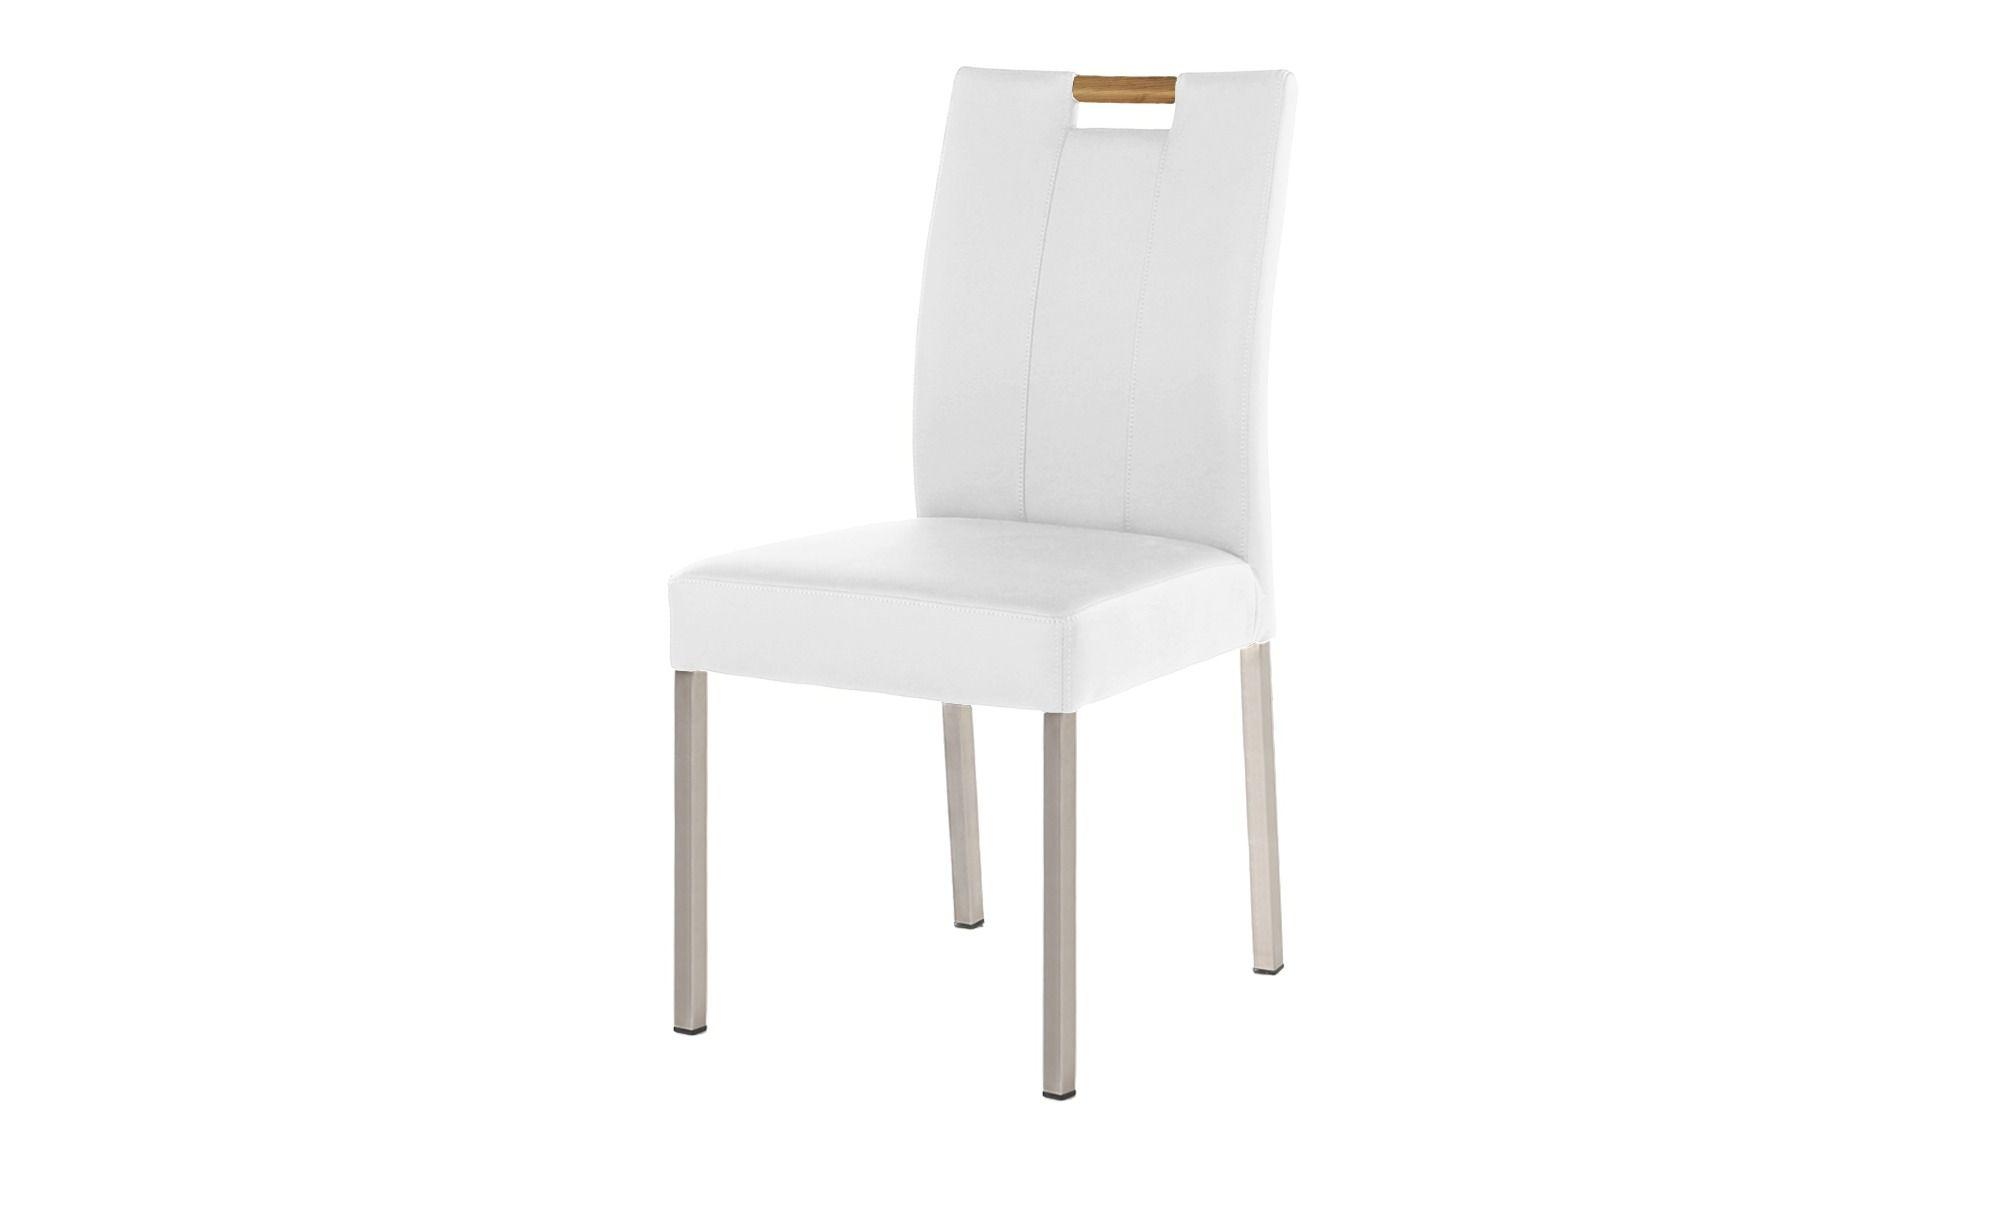 esszimmerstühle von ikea | stühle stilvoll esszimmerstühle leder